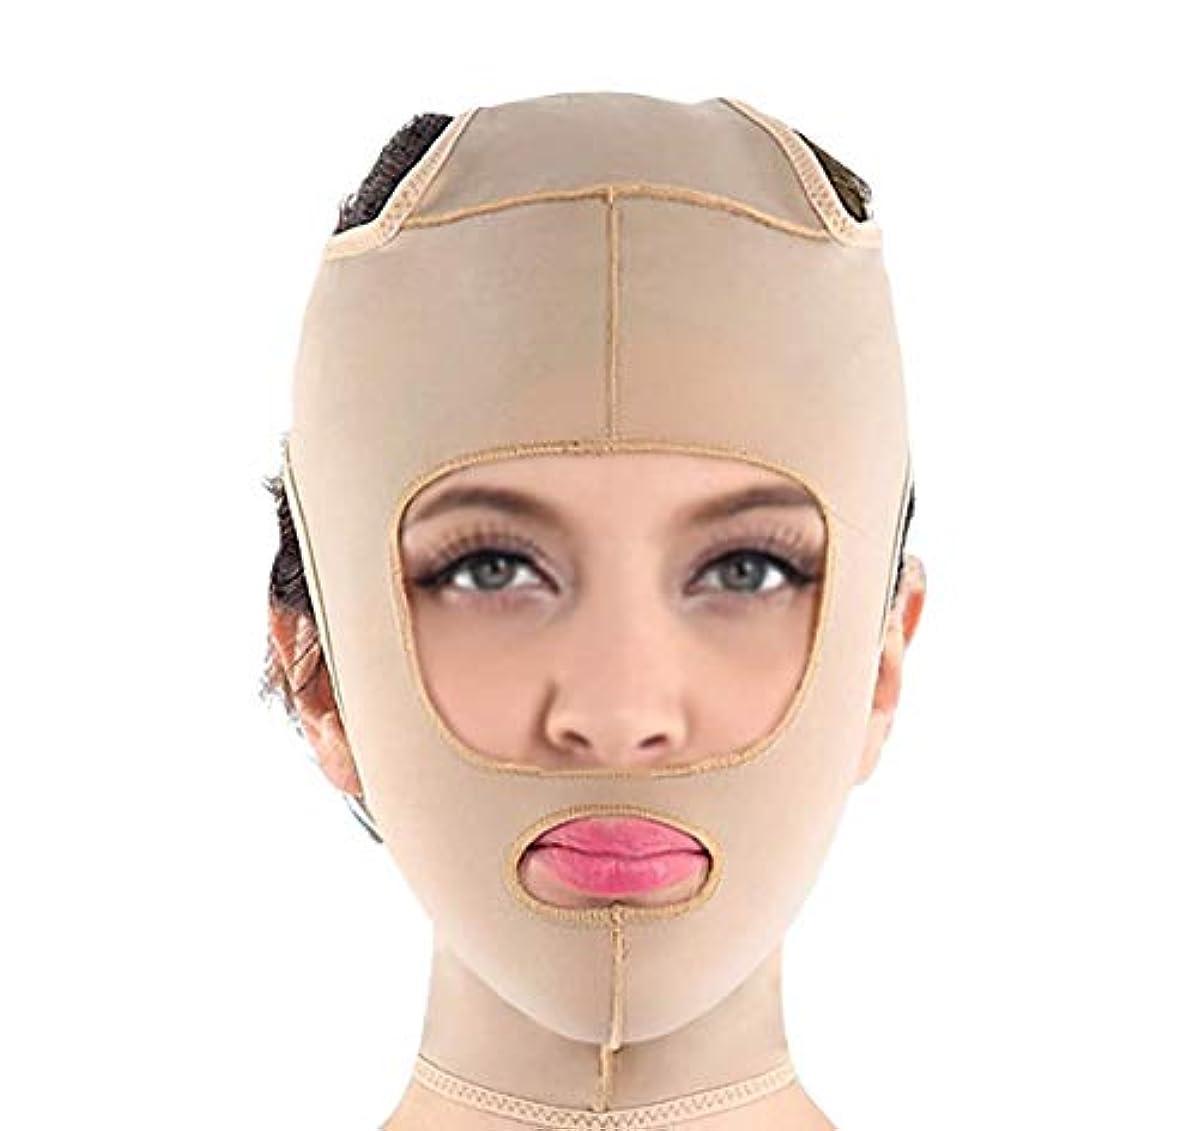 ビーチピケ役職フェイスリフティングマスクで肌をよりしっかりと保ち、V字型の顔を形作り、超薄型の通気性、調節可能で快適な着用感(サイズ:Xl),S